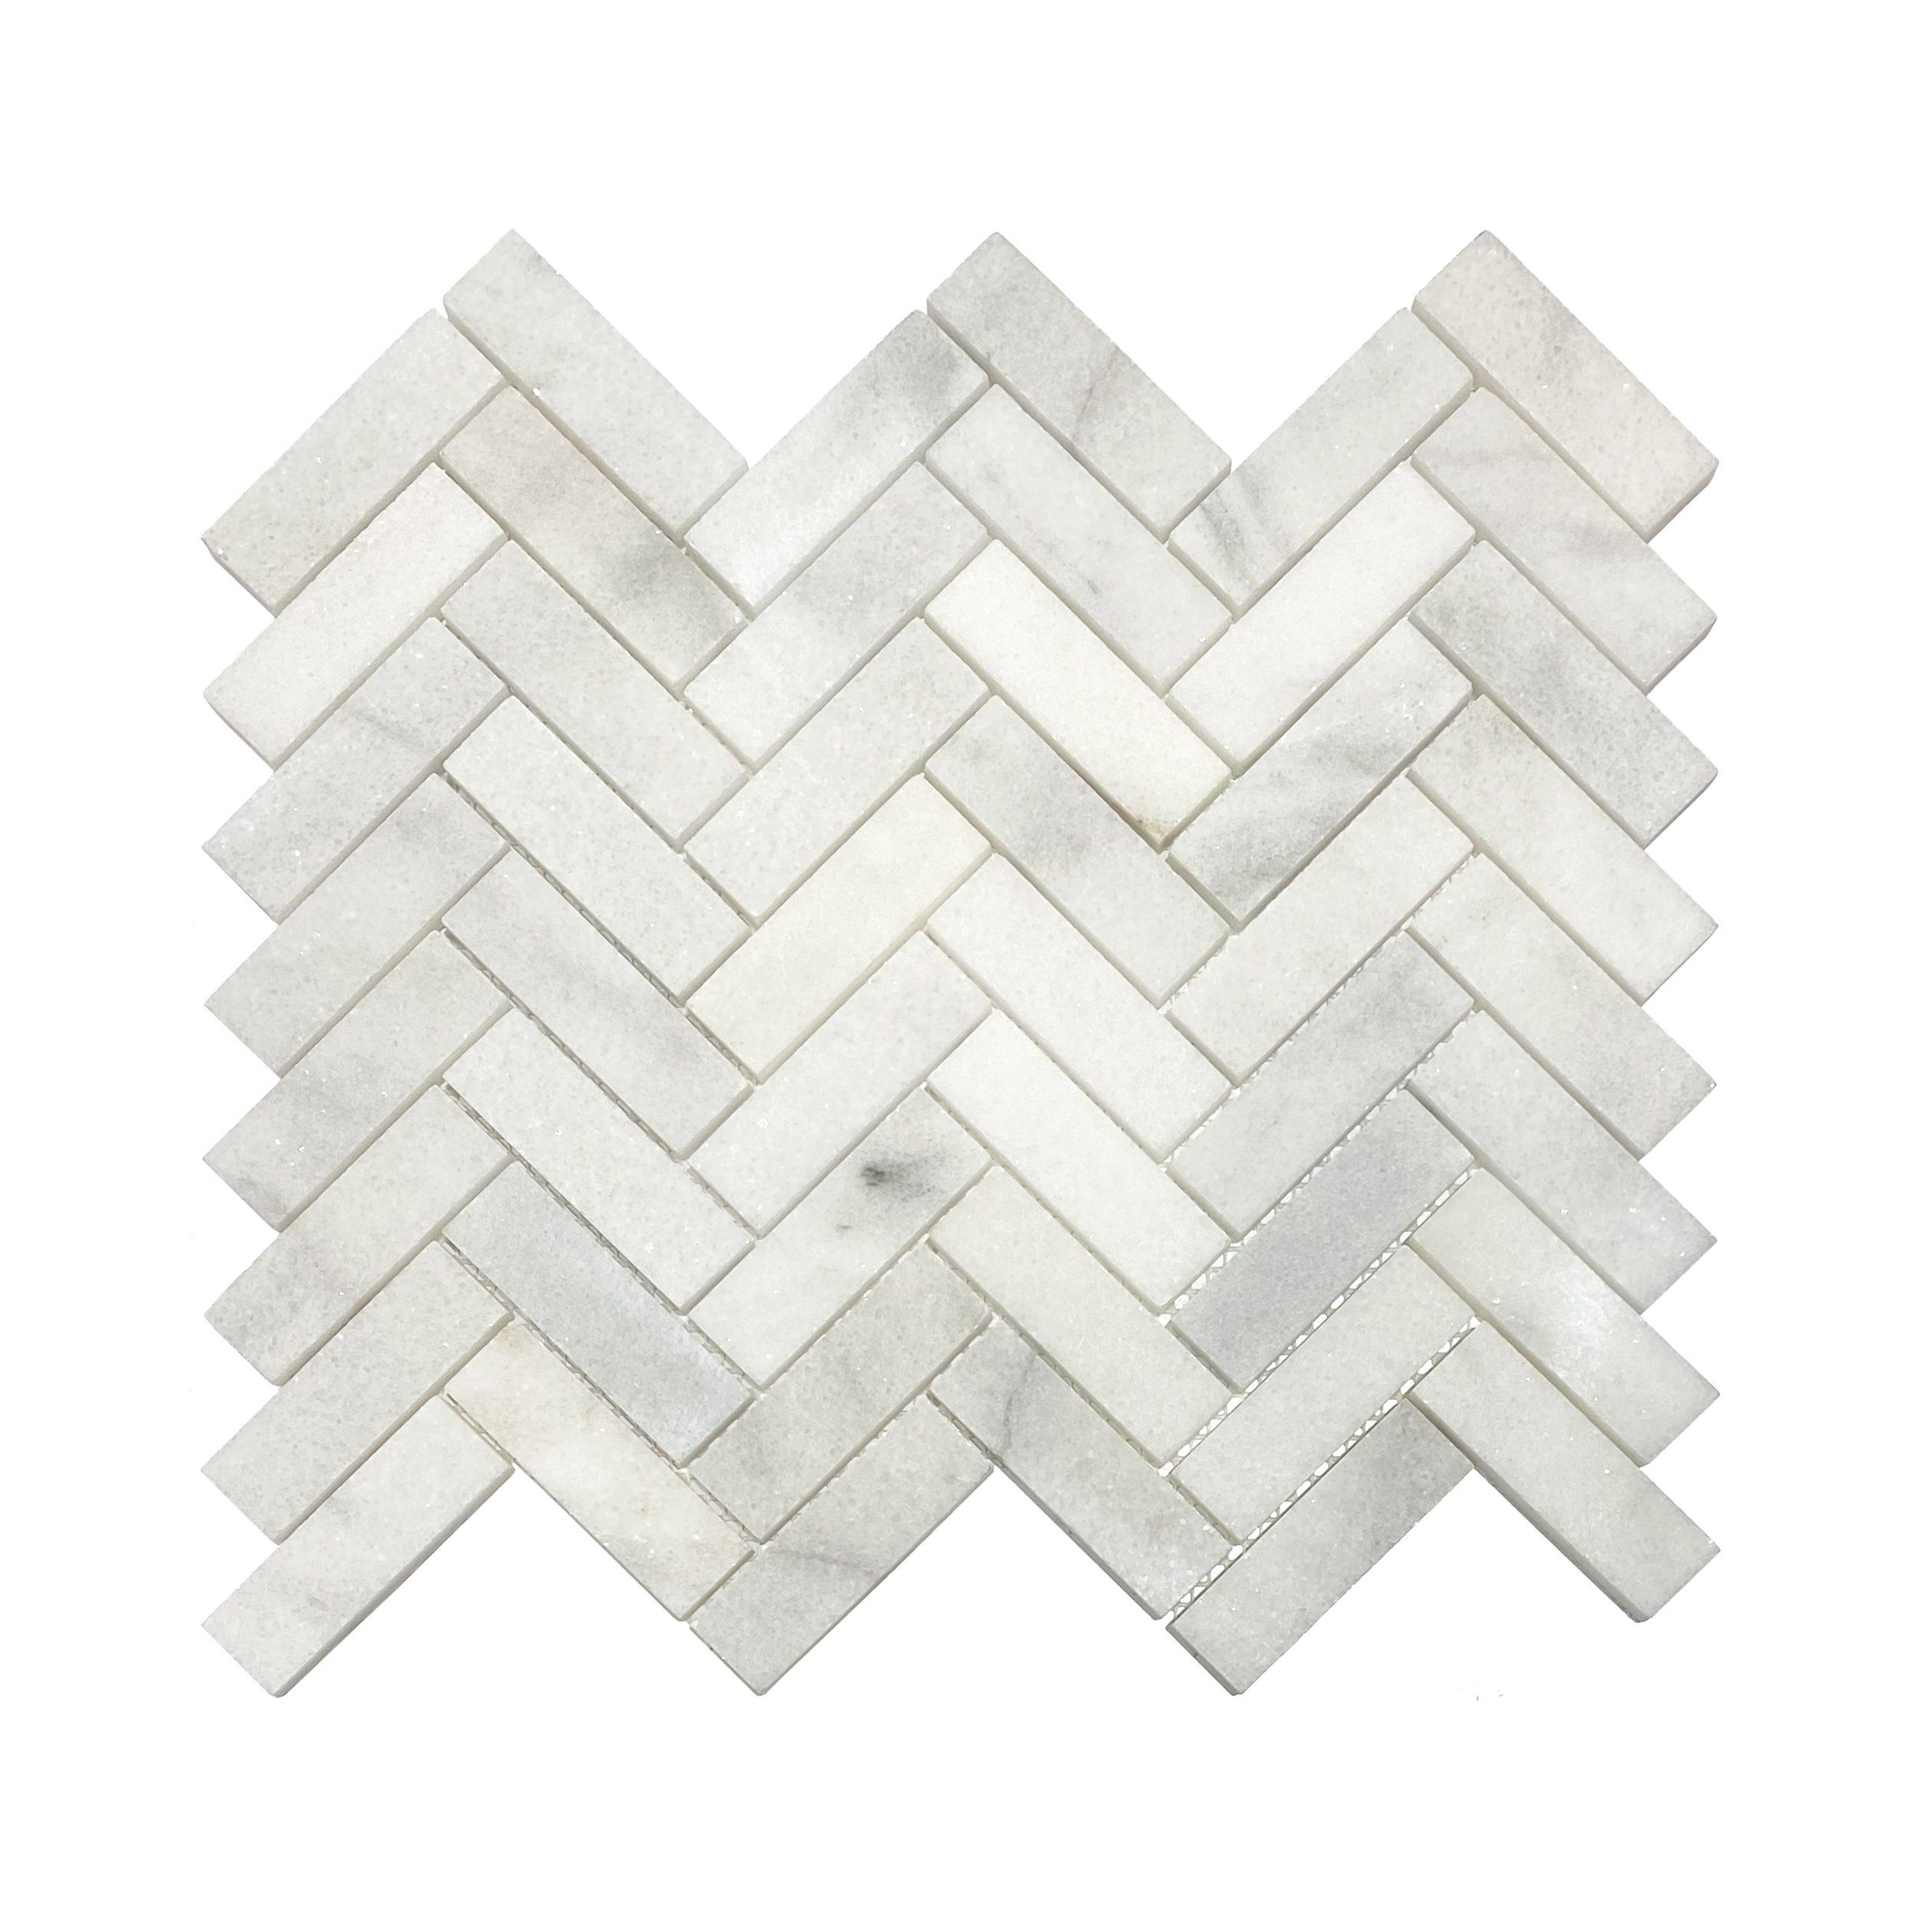 1×3 Herringbone Marble Mosaic_Bianco_14.49_8.49ea